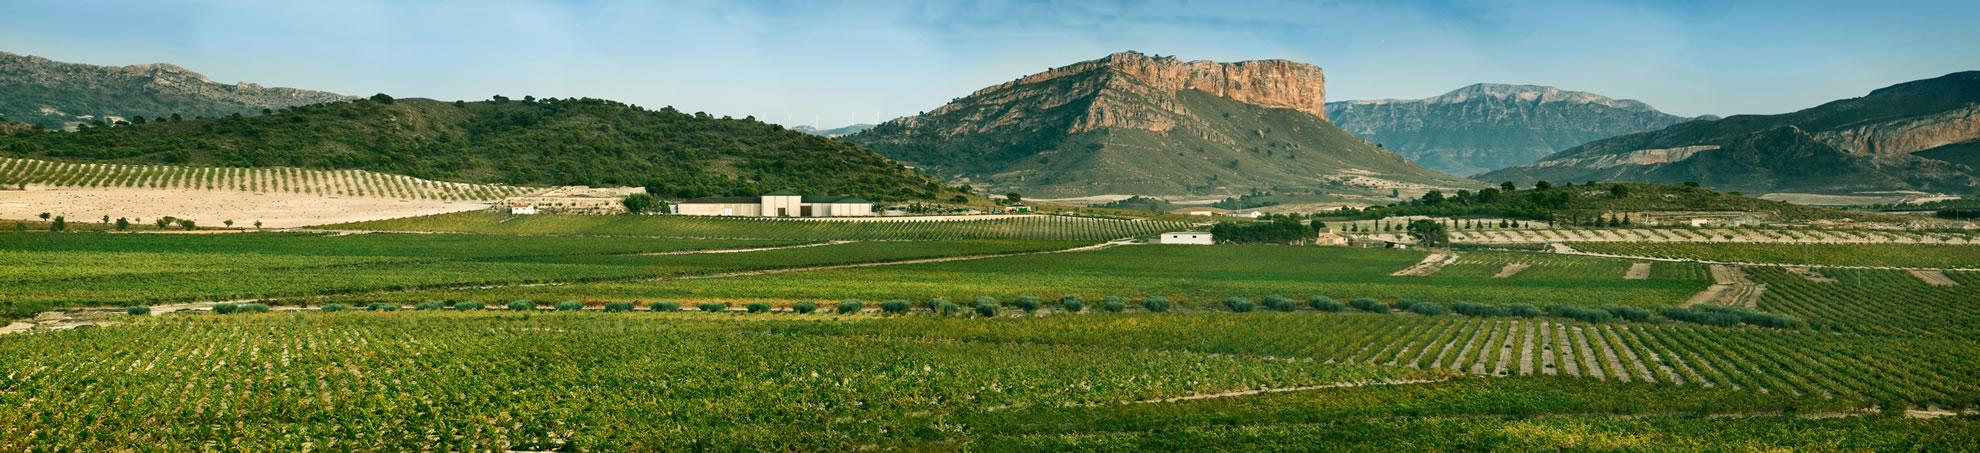 The vineyards of Bodegas Juan Gil